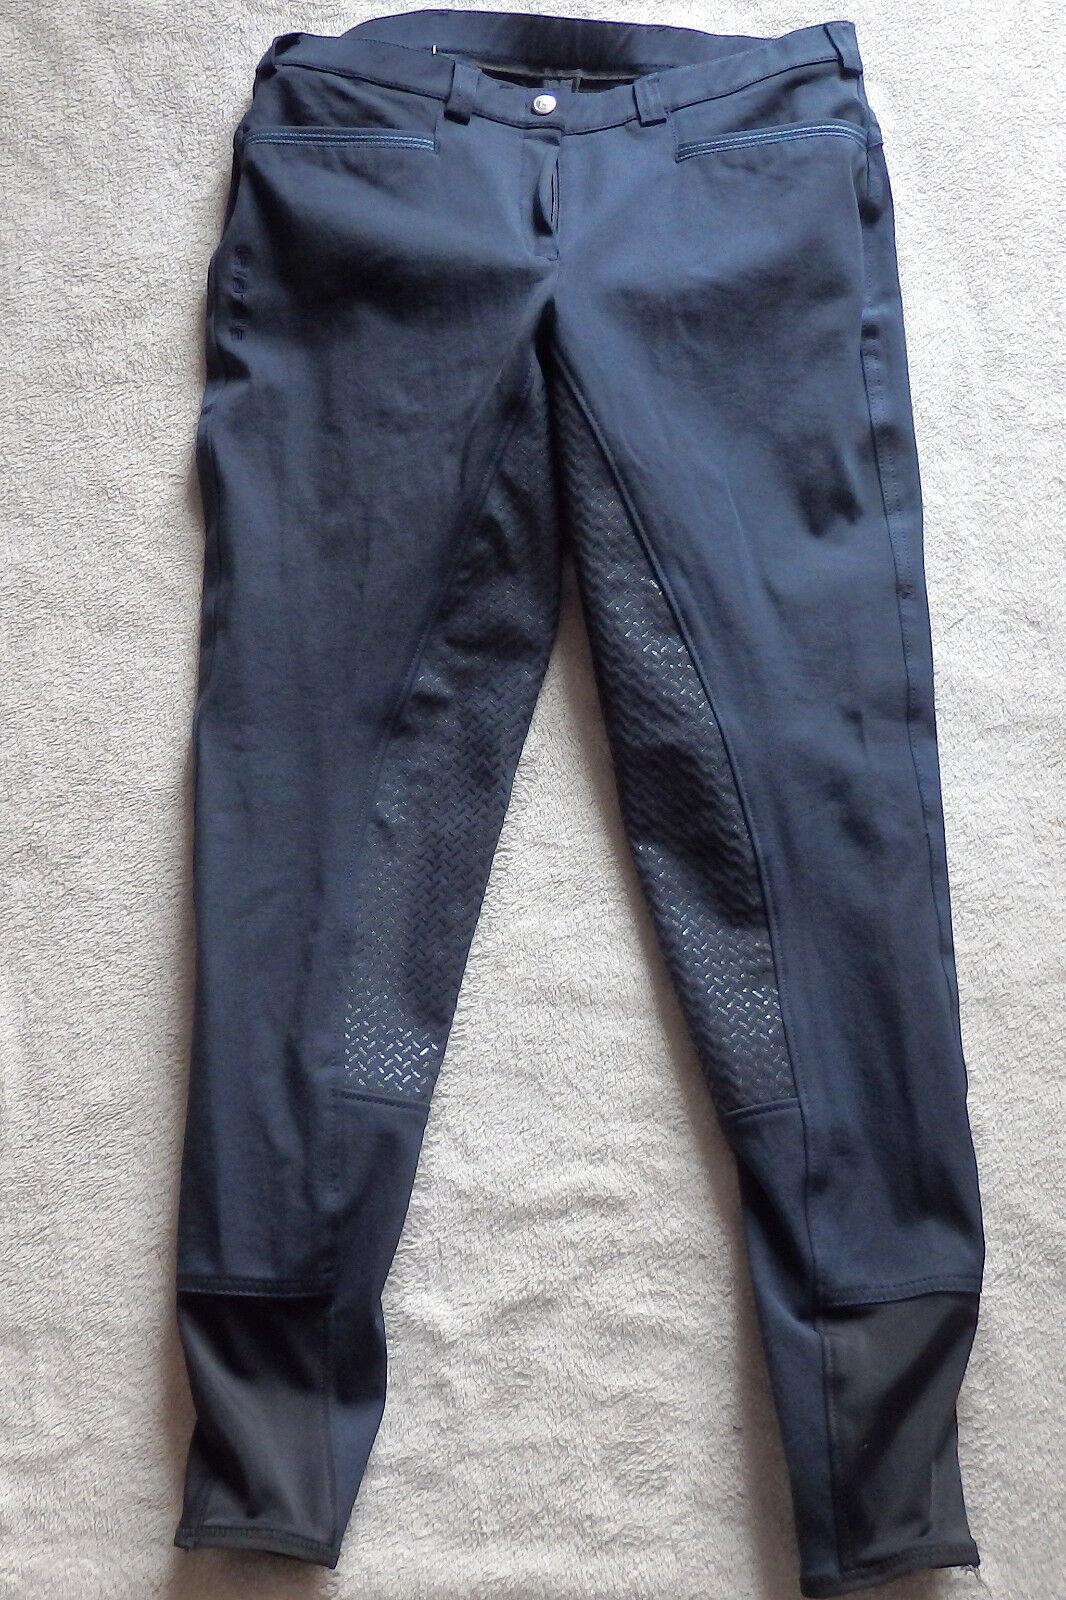 Donna Pantaloni Montala, 34 Grip guarnizione in pieno, Tg. 80, Blu, Lavarella, UVP 99,90  786